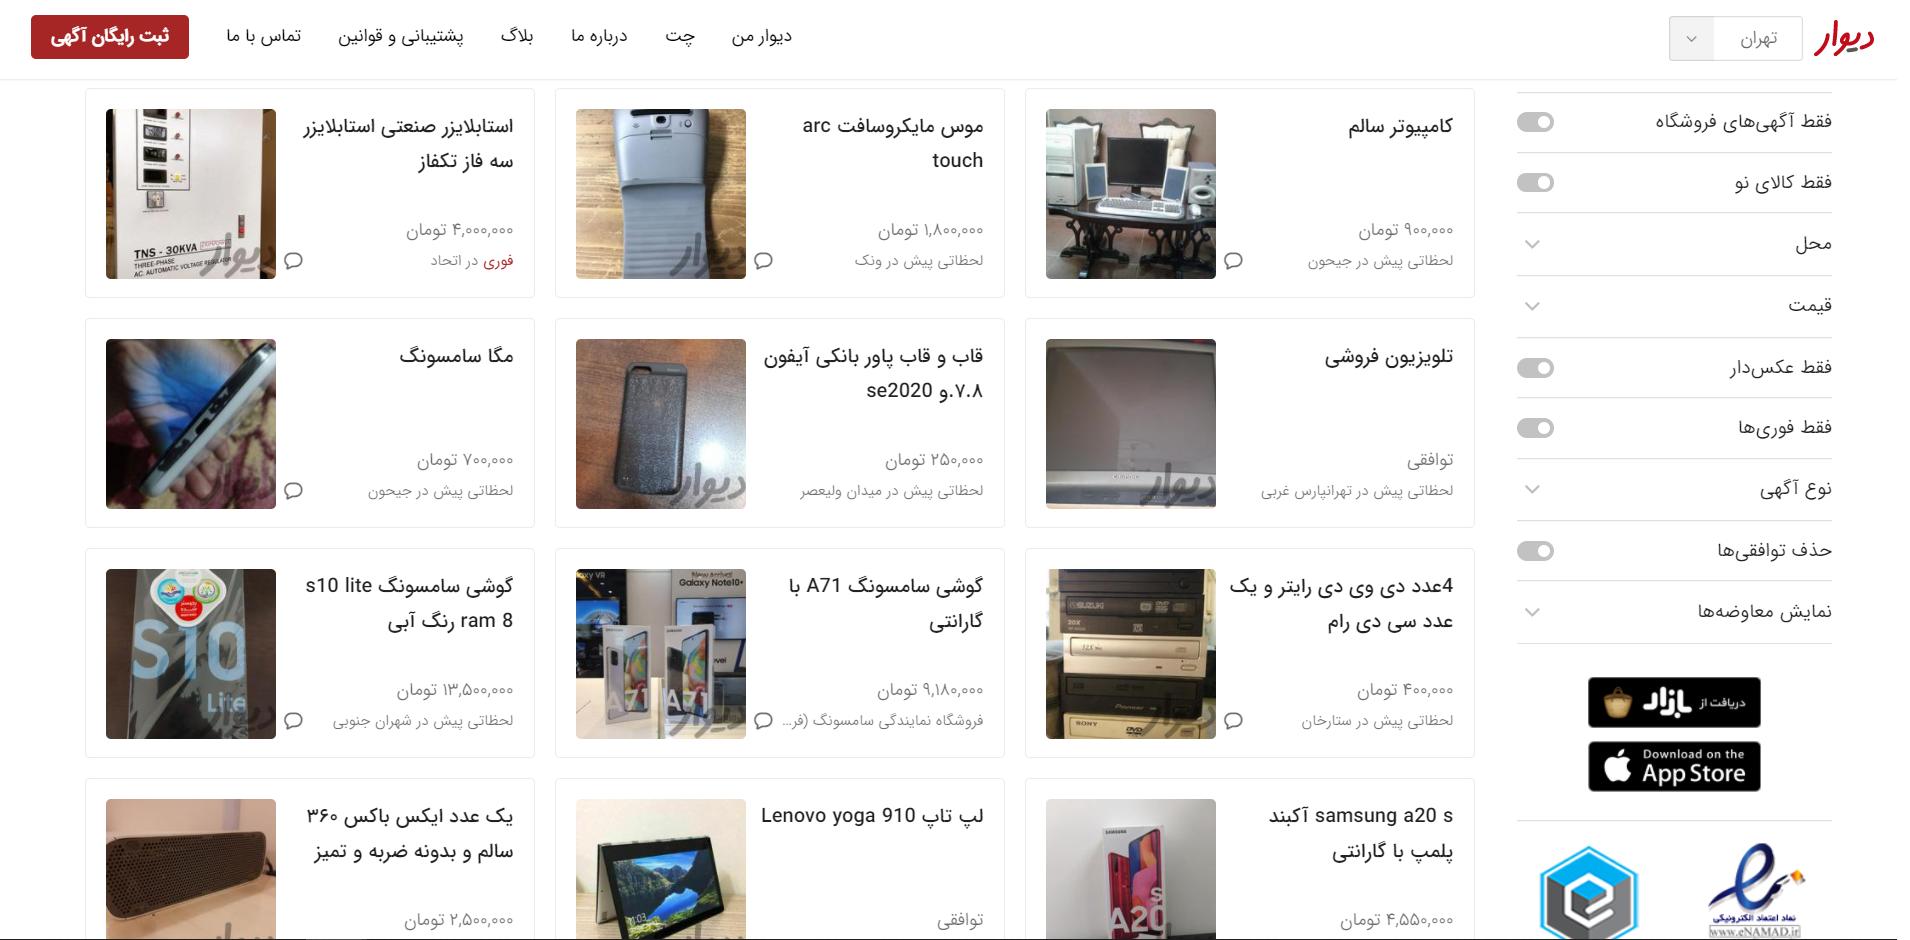 نمایی تصادفی از وبسایت دیوار، بخش فروش لوازم الکترونیکی در تهران